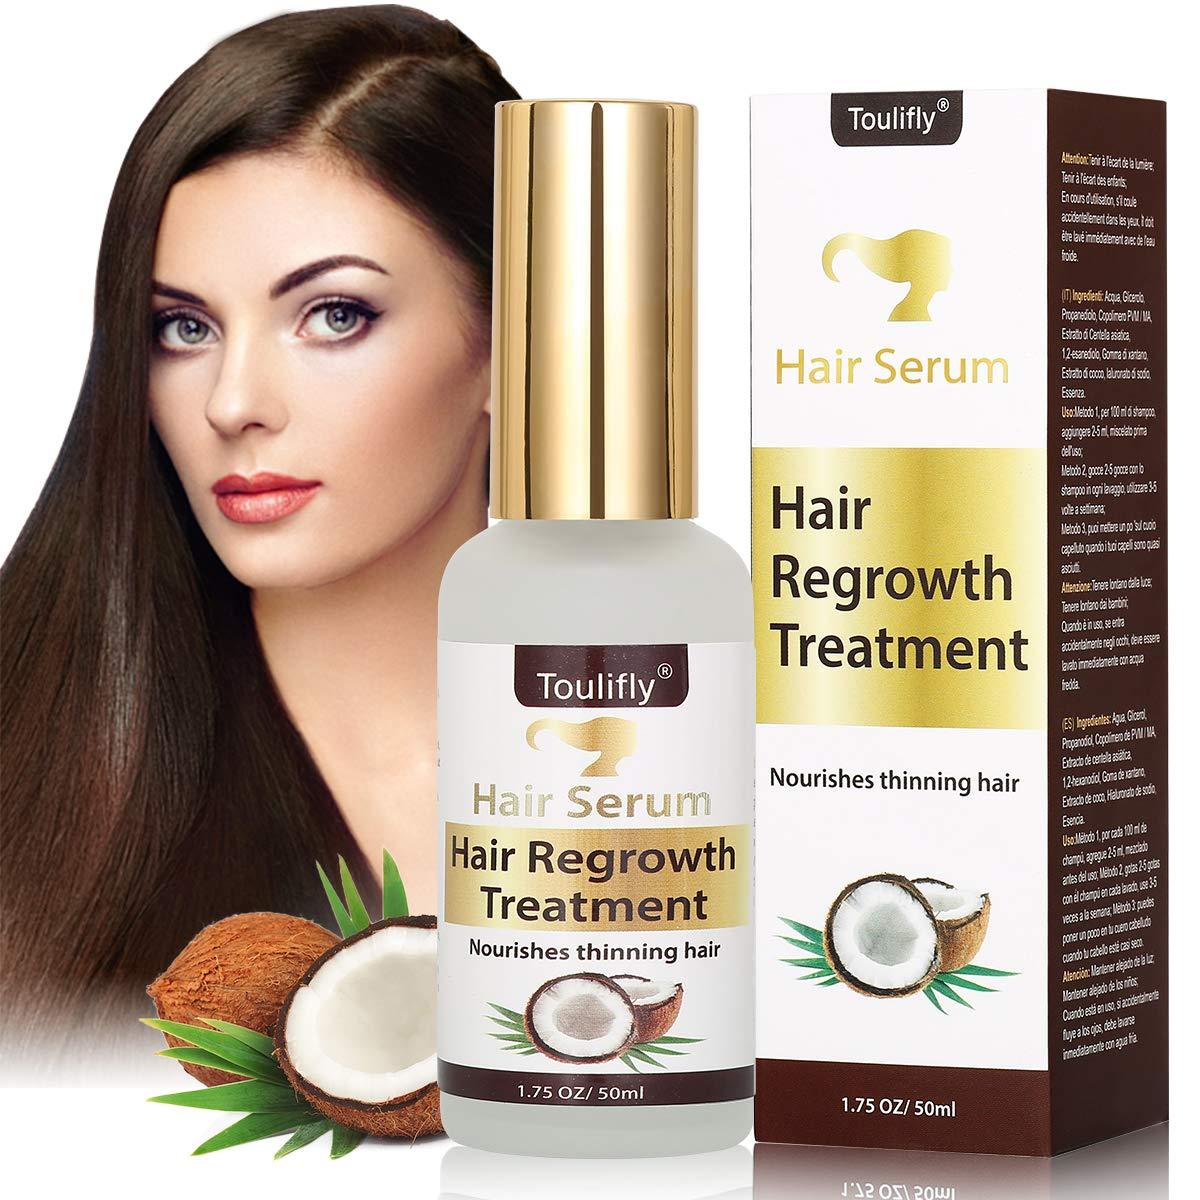 Hair Serum, Coconut Oil Hair Serum, Hair Growth Serum, Hair Serum For Damaged Hair, Hair Repair Serum, Hair Serum For Straightening Hair, Frizz Control and Shine